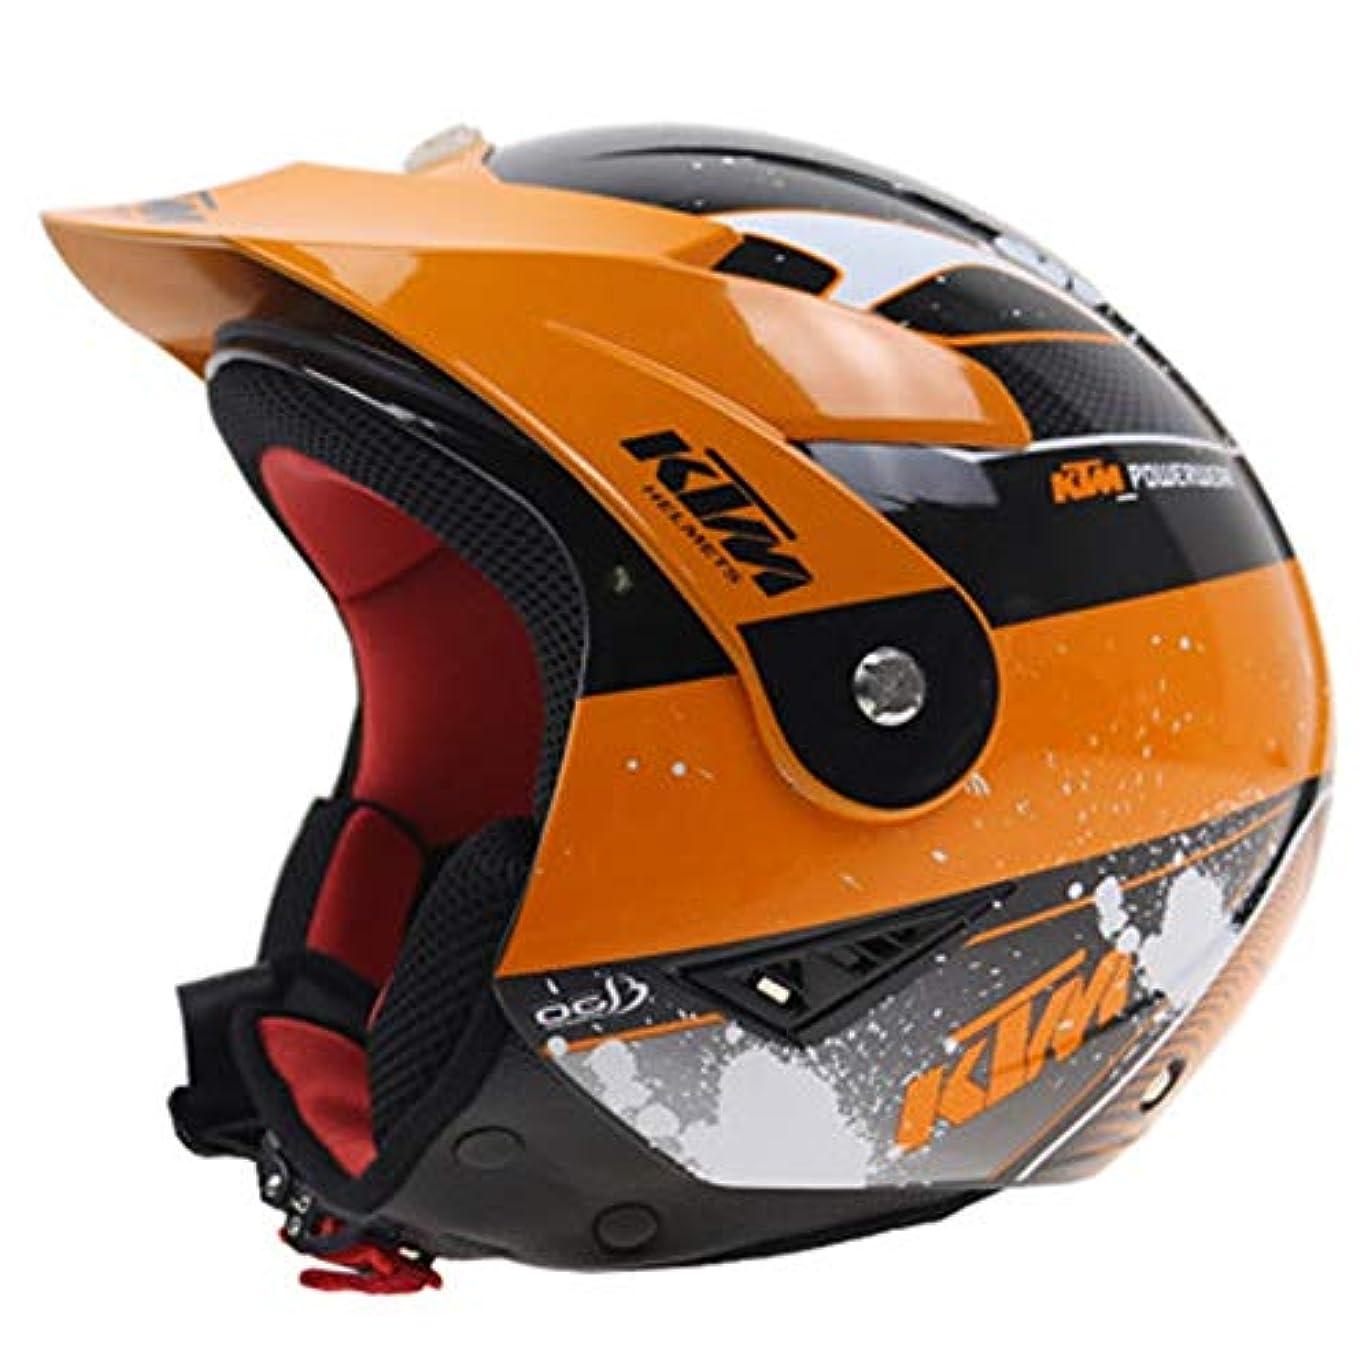 予測子上向きアルファベットHYH ヘルメットプロのオフロードクライミングヘルメット世界クライミング競技オートバイヘルメット いい人生 (Size : M)